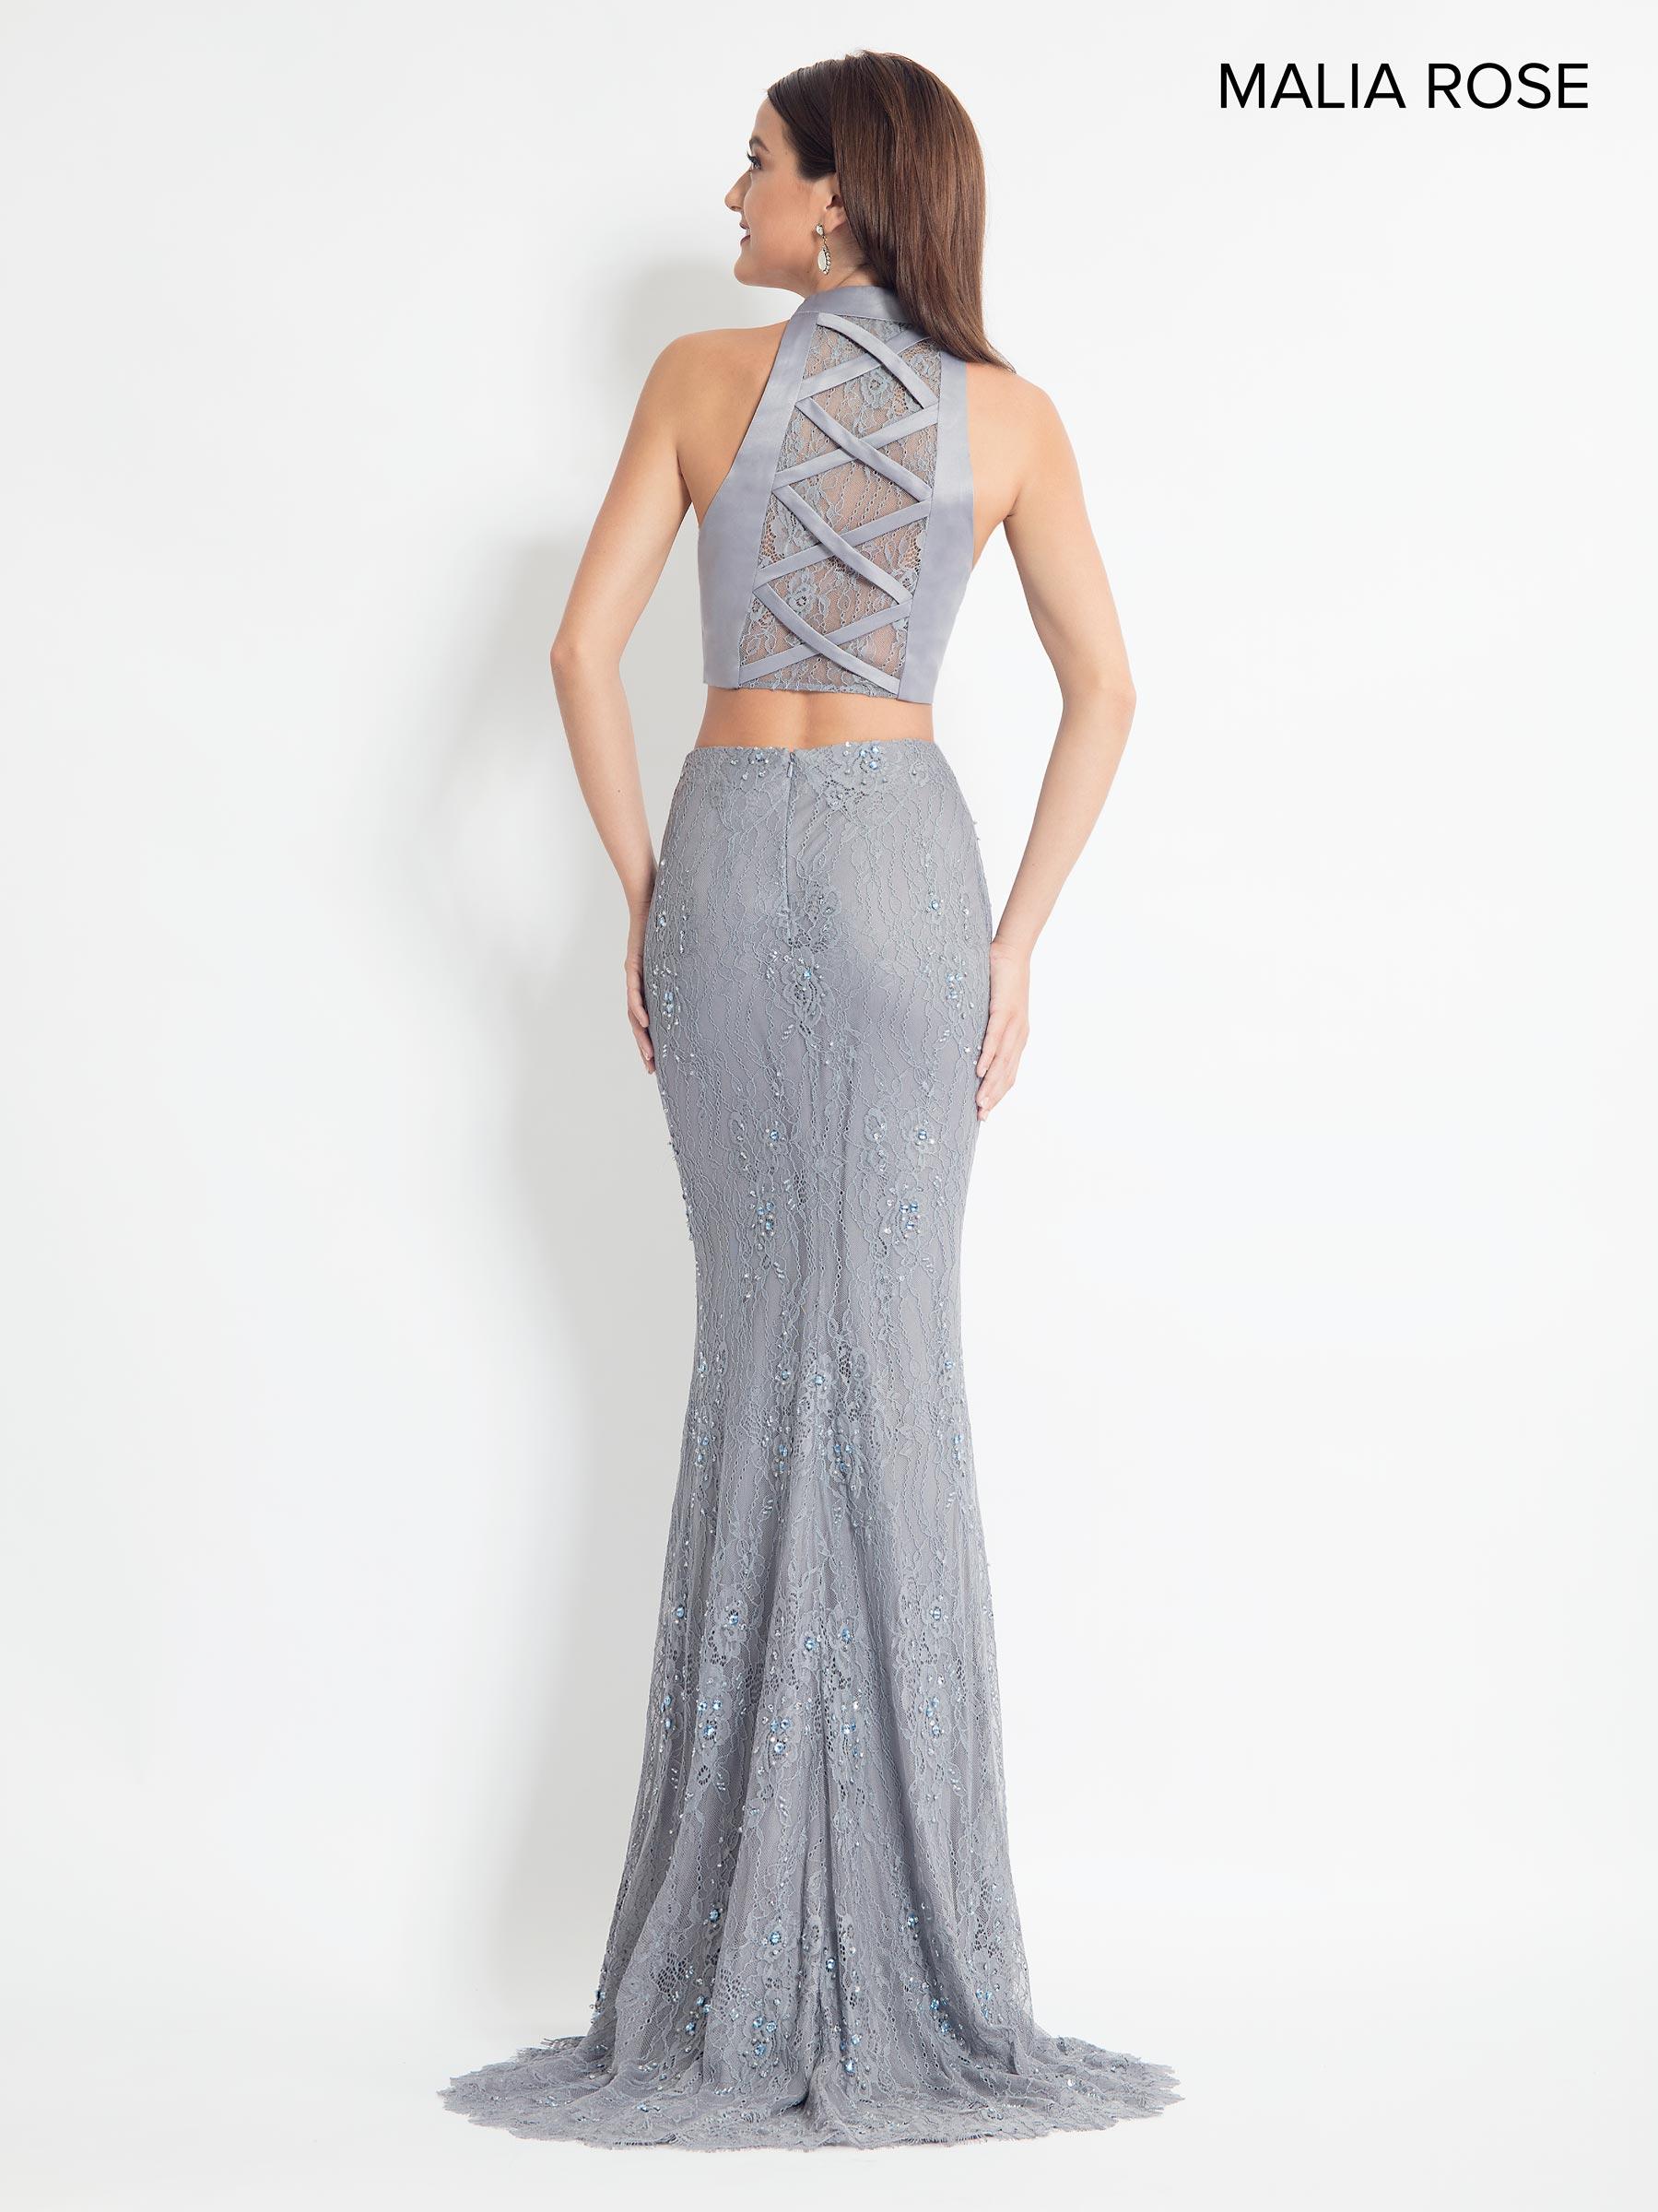 Malia Rose Prom Dresses | Malia Rose | Style - MP1005